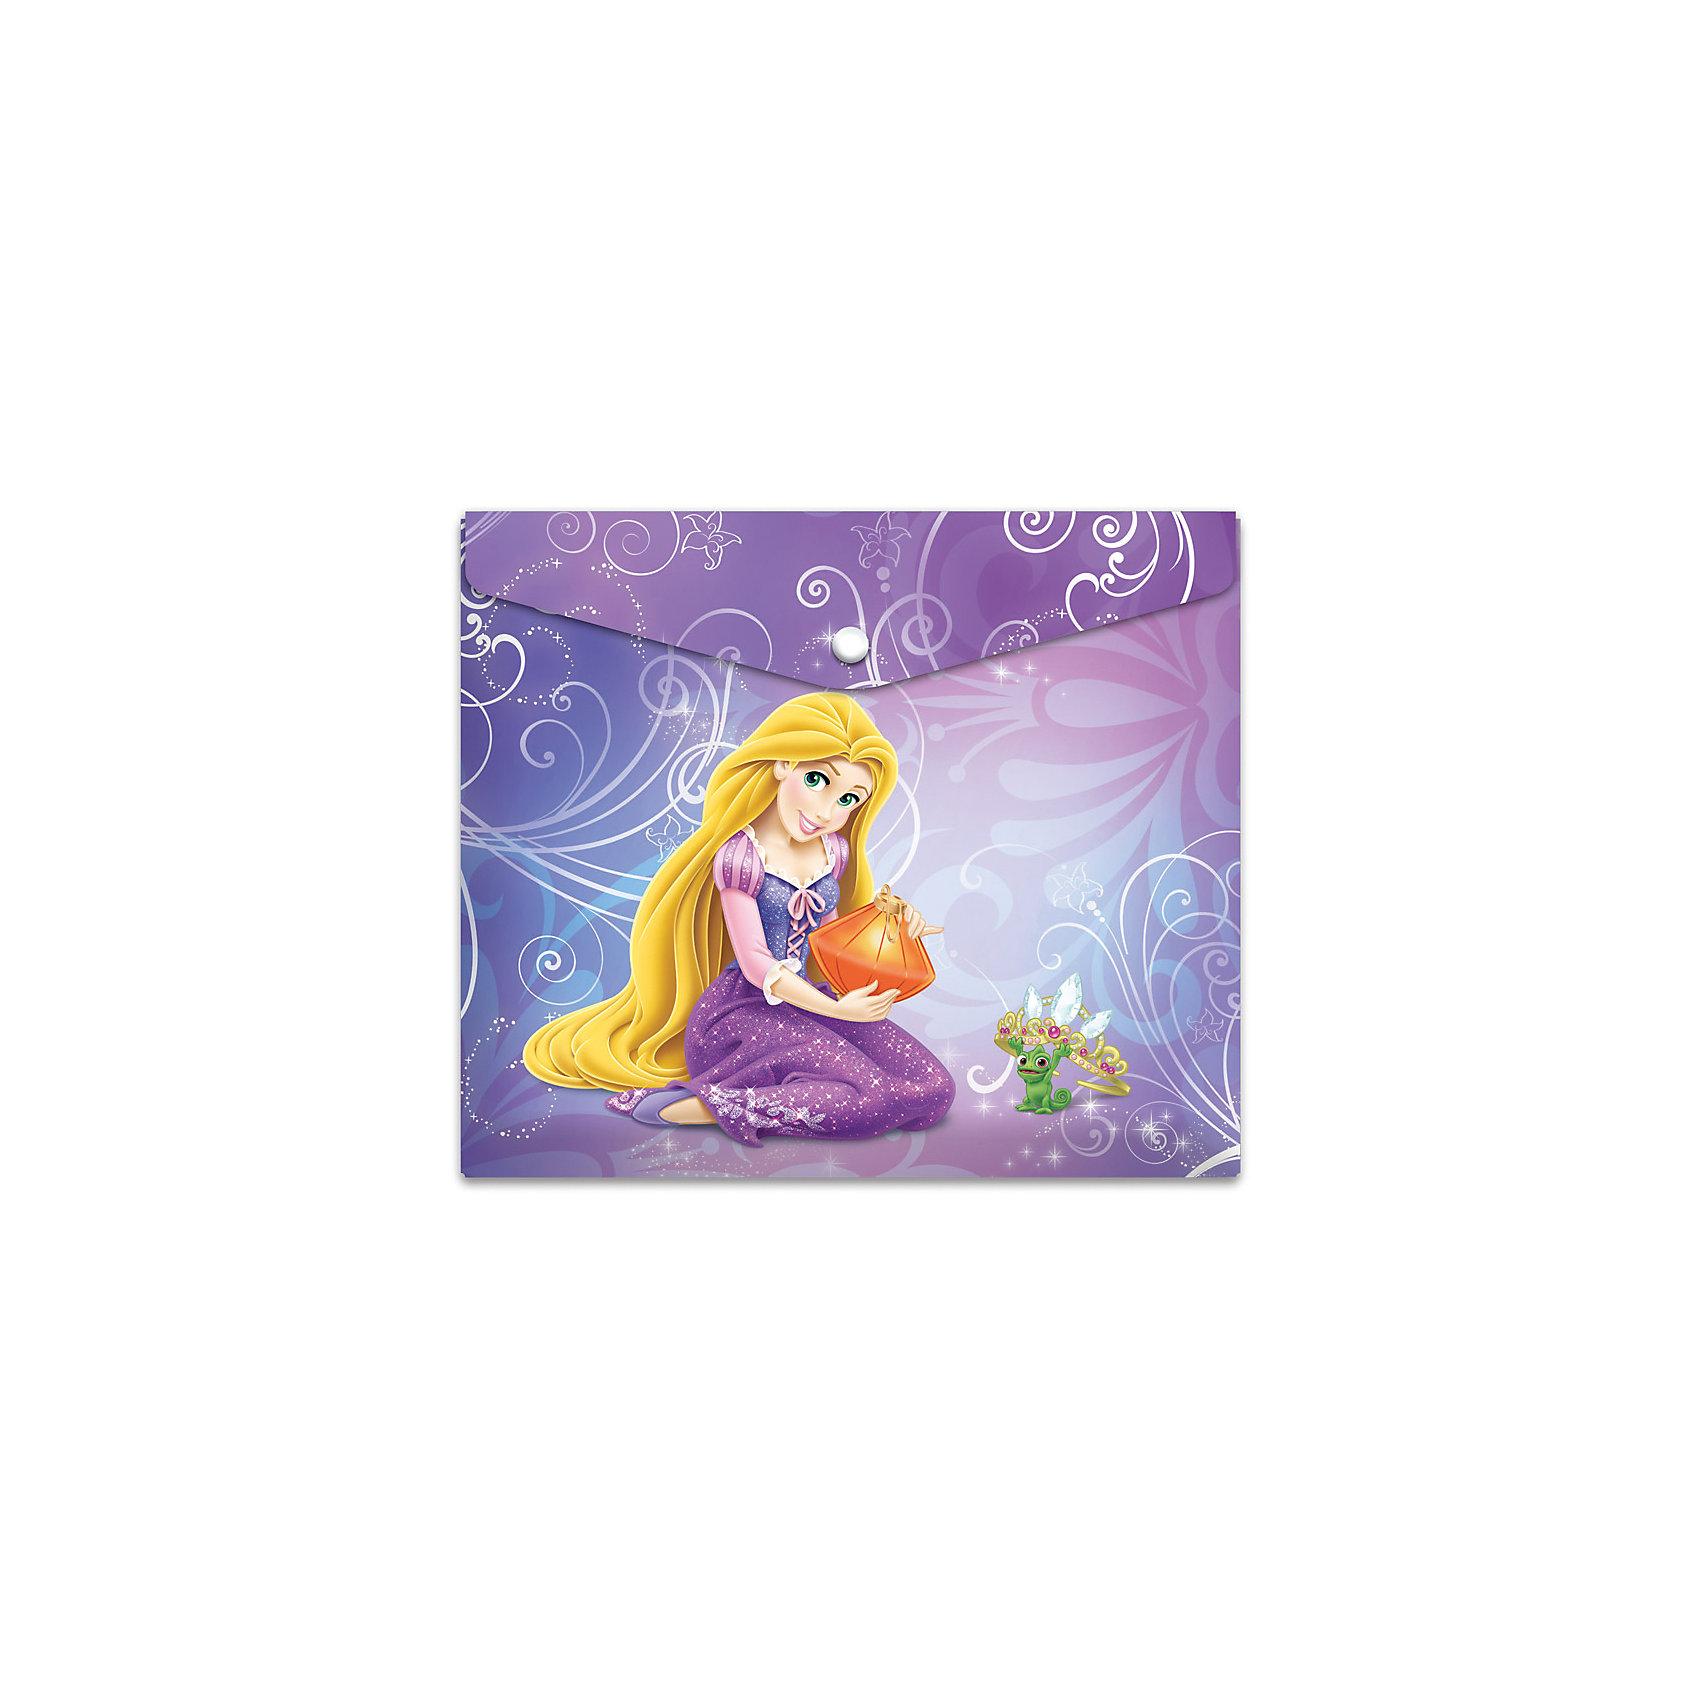 Пластиковая папка-конверт на кнопке для тетрадей Принцессы, DisneyПластиковая папка-конверт на кнопке для тетрадей с полноцветным лицензионным дизайном Disney Принцессы. Формат - горизонтальный.  Изготовлена в Санкт-Петербурге.<br><br>Ширина мм: 245<br>Глубина мм: 30<br>Высота мм: 210<br>Вес г: 21<br>Возраст от месяцев: 36<br>Возраст до месяцев: 120<br>Пол: Женский<br>Возраст: Детский<br>SKU: 5475471